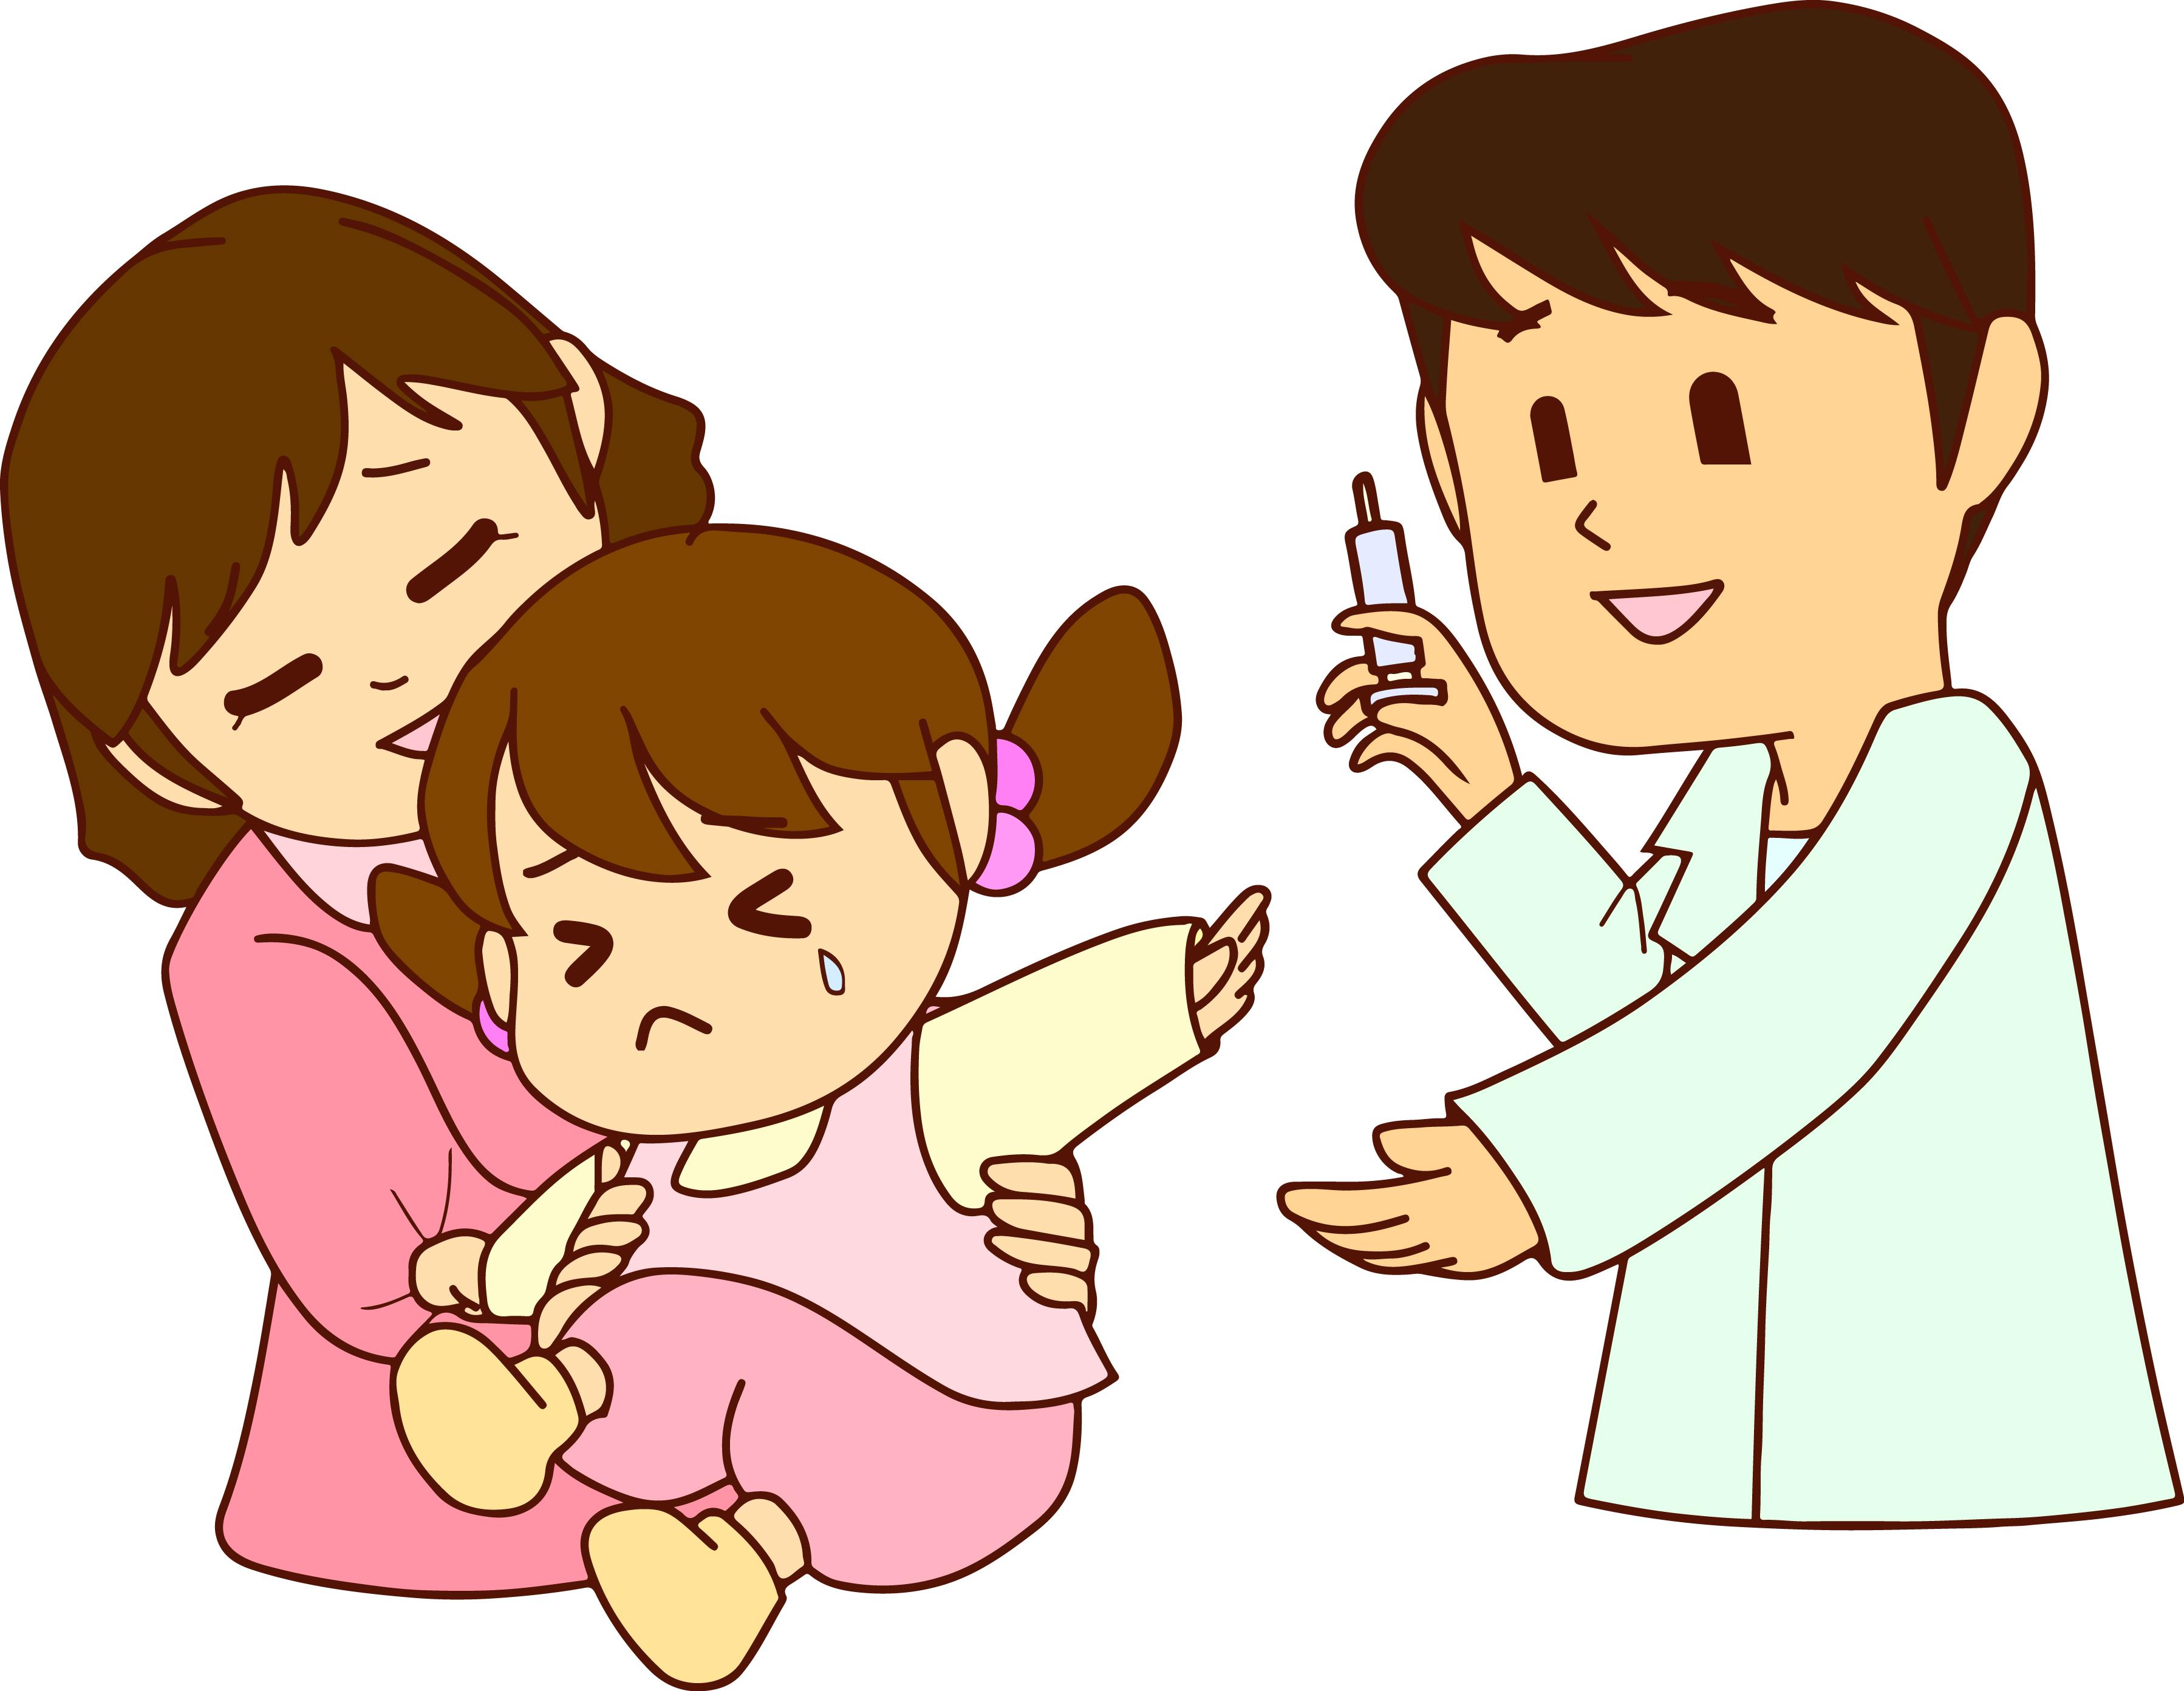 子宮頸がんワクチンに反対していた医師が賛成派に心変わり?